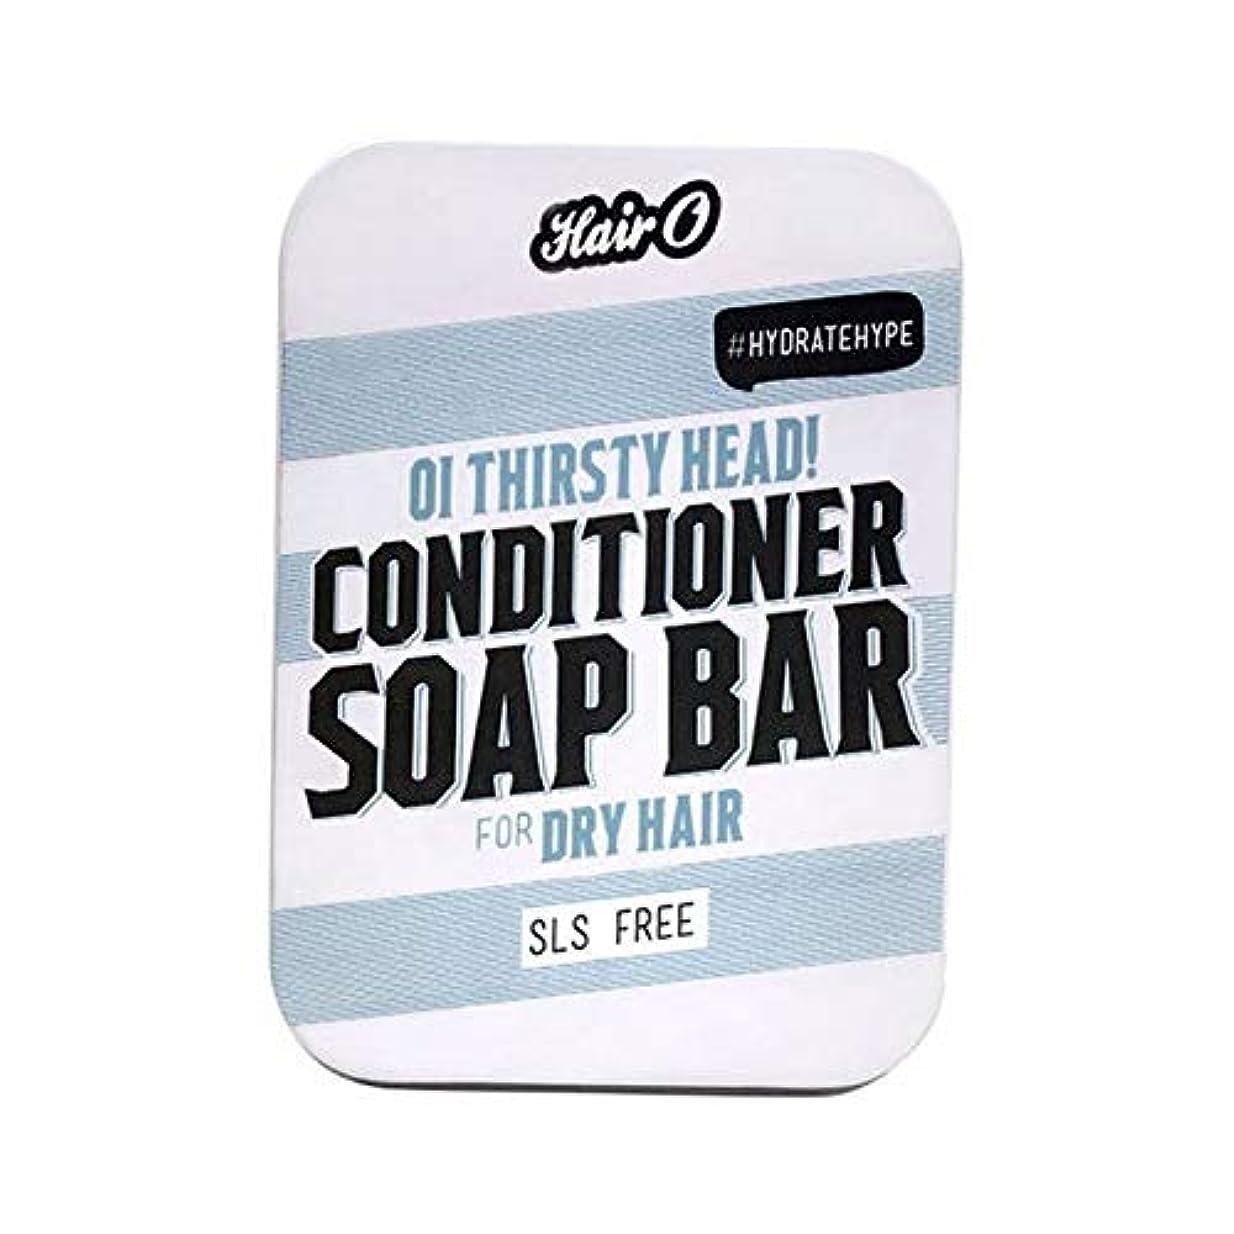 感度メタリック連鎖[Hair O ] 大井のどが渇いヘッドコンディショナーソープバー100グラムO毛 - Hair O Oi Thirsty Head Conditioner Soap Bar 100g [並行輸入品]